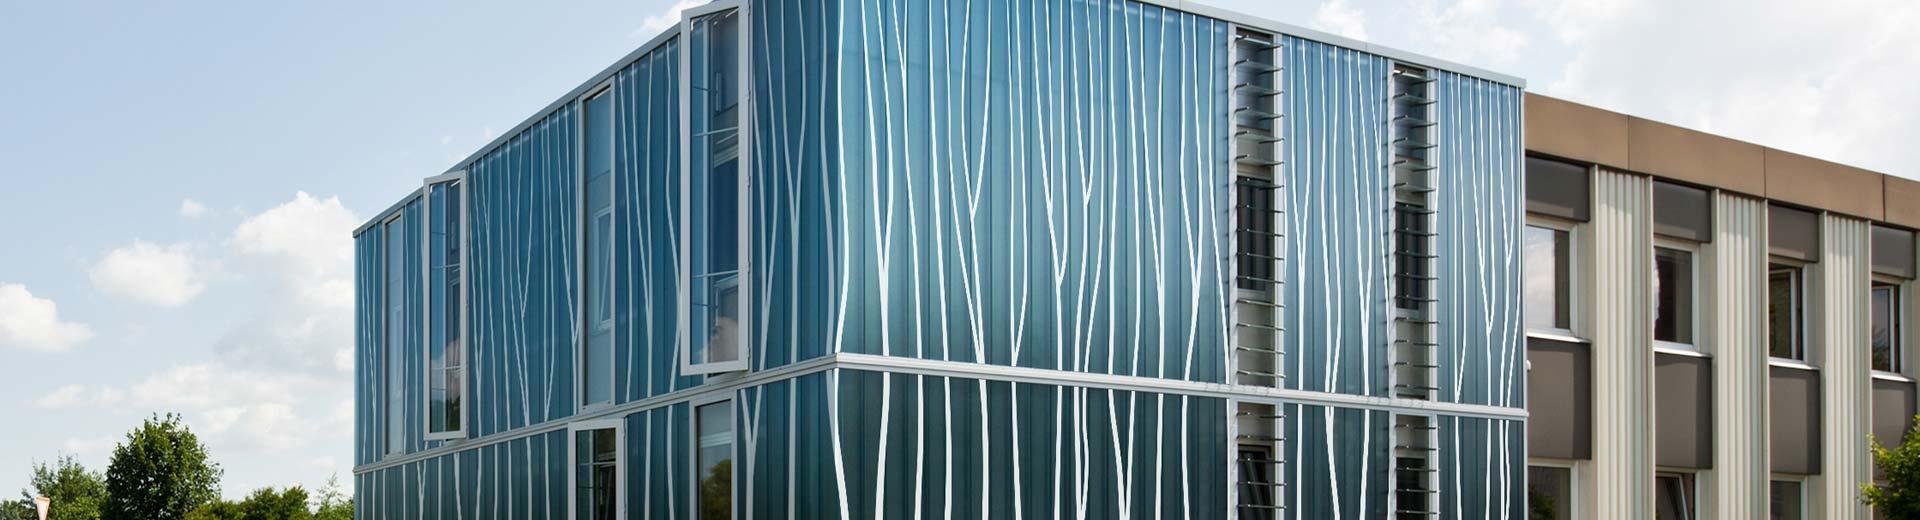 Fassade glas  Glasfassade mit keramischen Dekoren